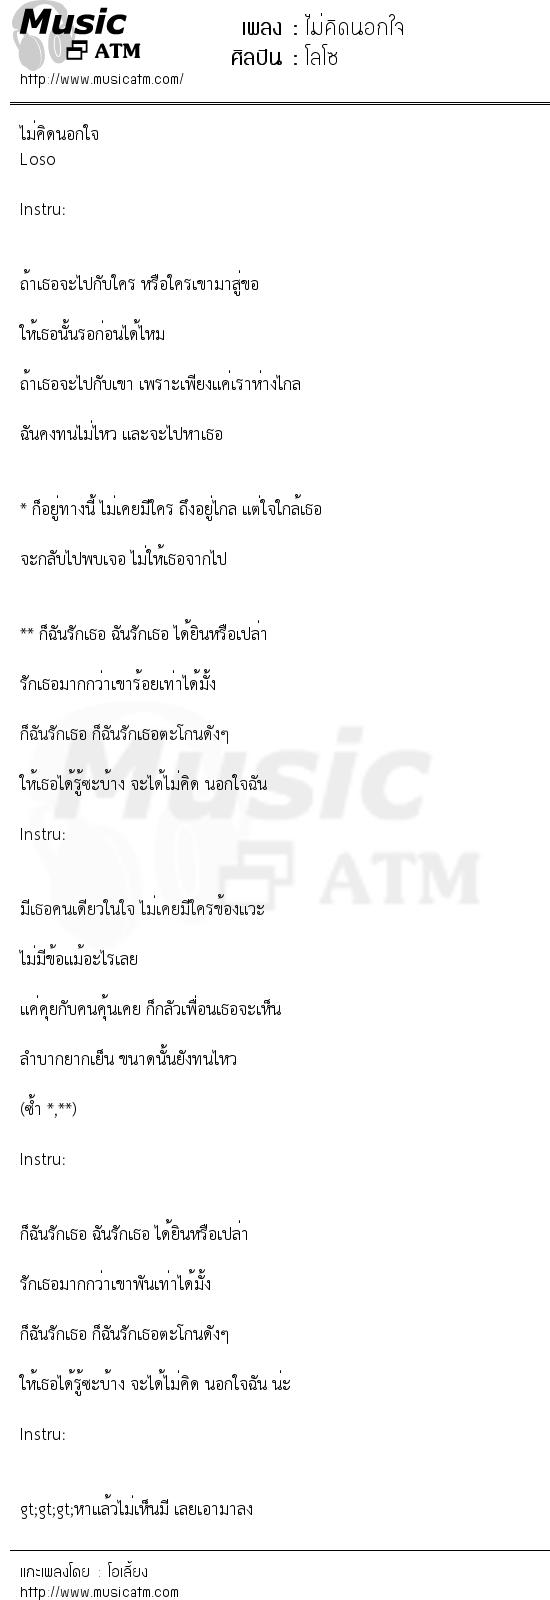 เนื้อเพลง ไม่คิดนอกใจ - โลโซ | Popasia.net | เพลงไทย